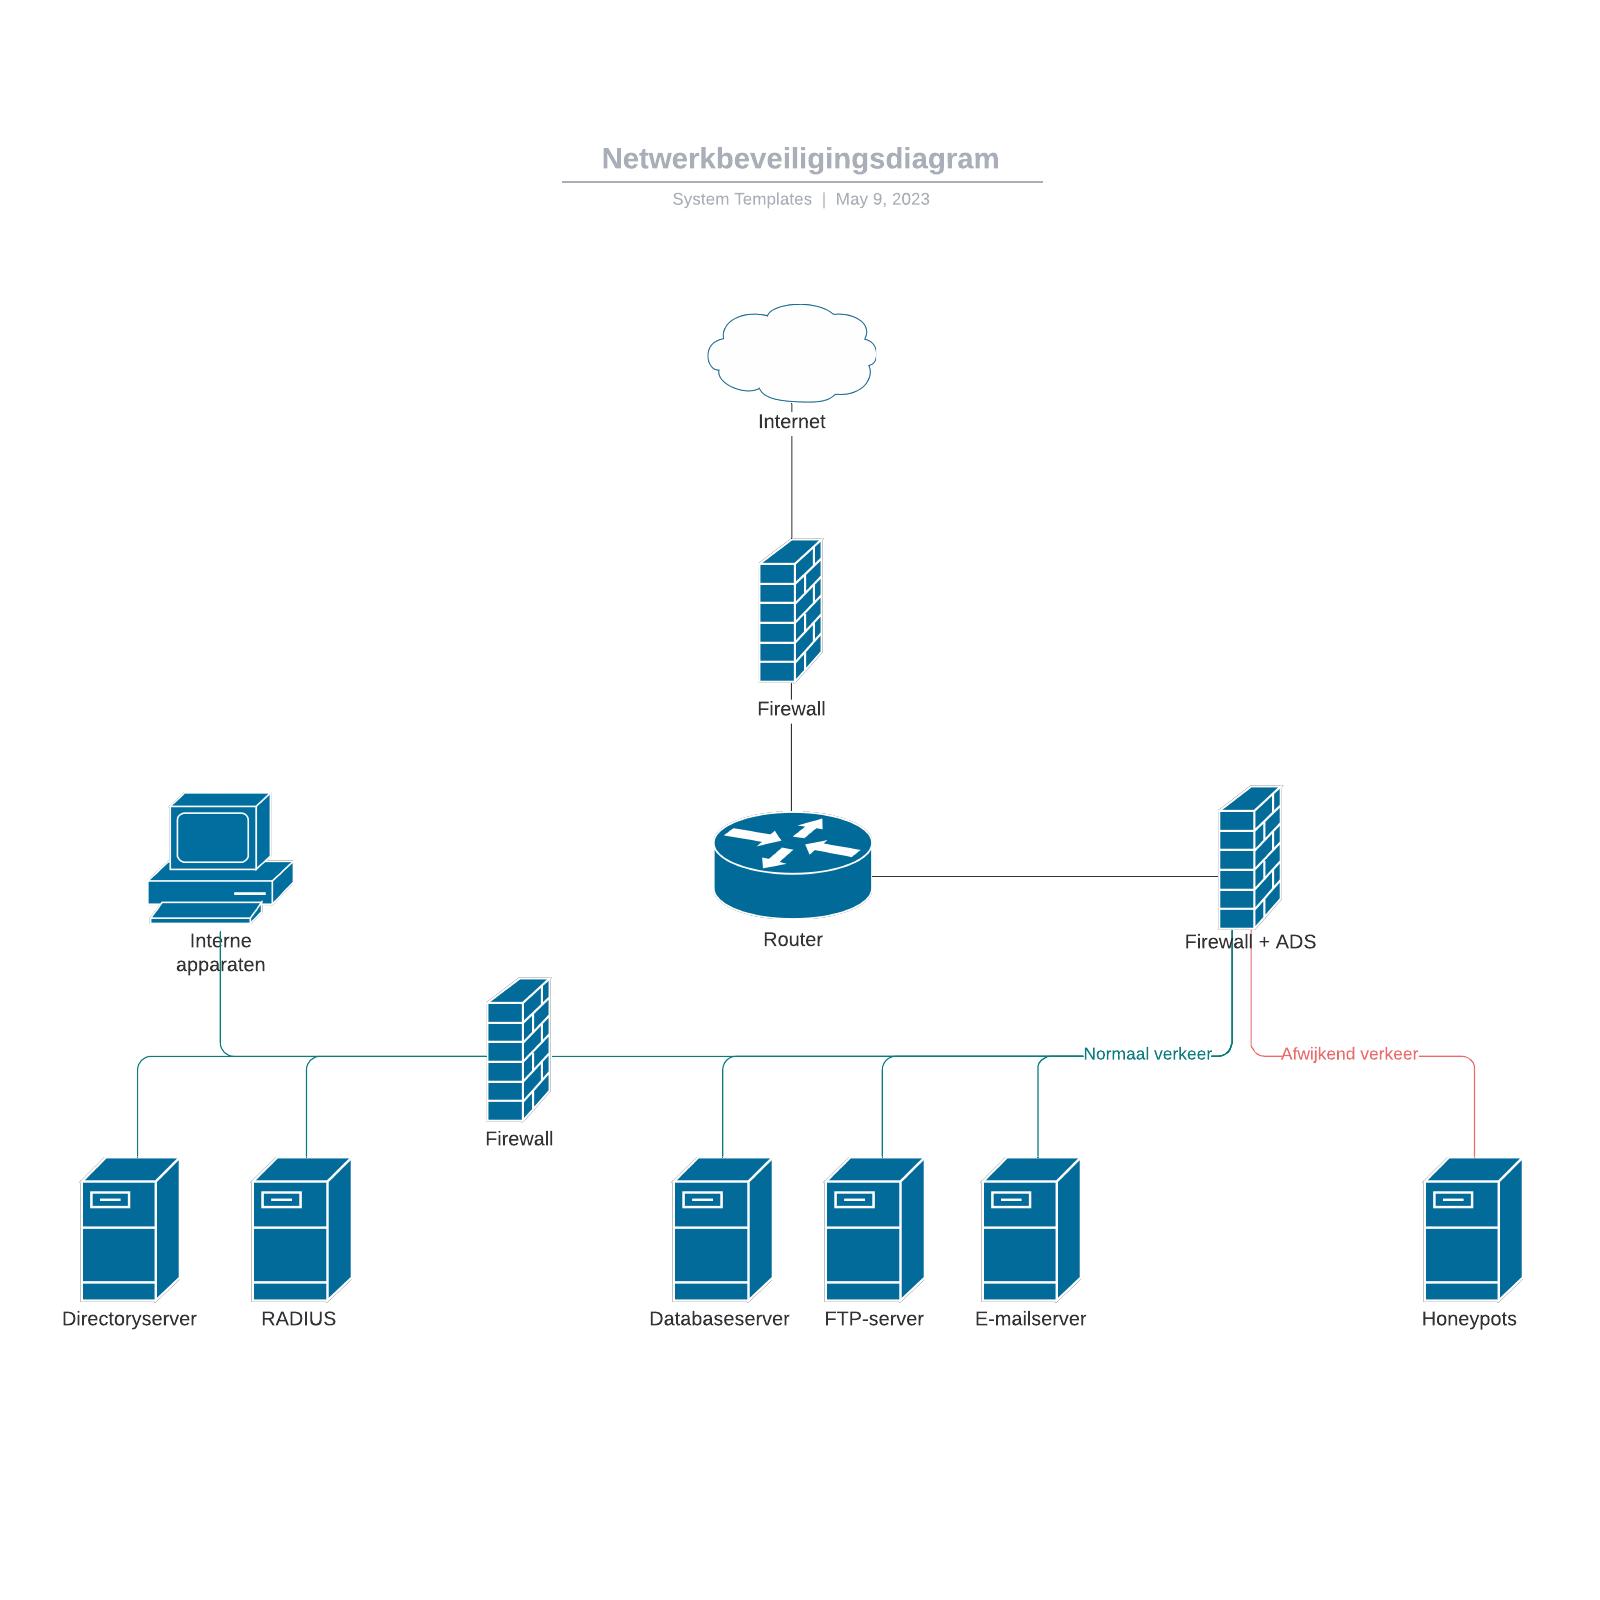 Netwerkbeveiligingsdiagram